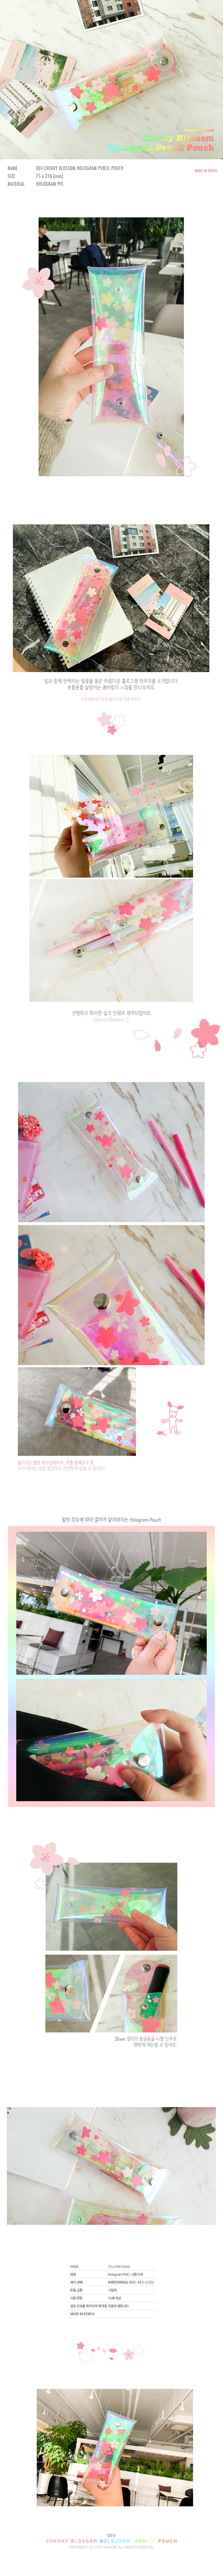 오동에발레리 벚꽃 홀로그램 펜슬파우치 - 랑캣몰, 7,500원, 투명/플라스틱필통, 일러스트